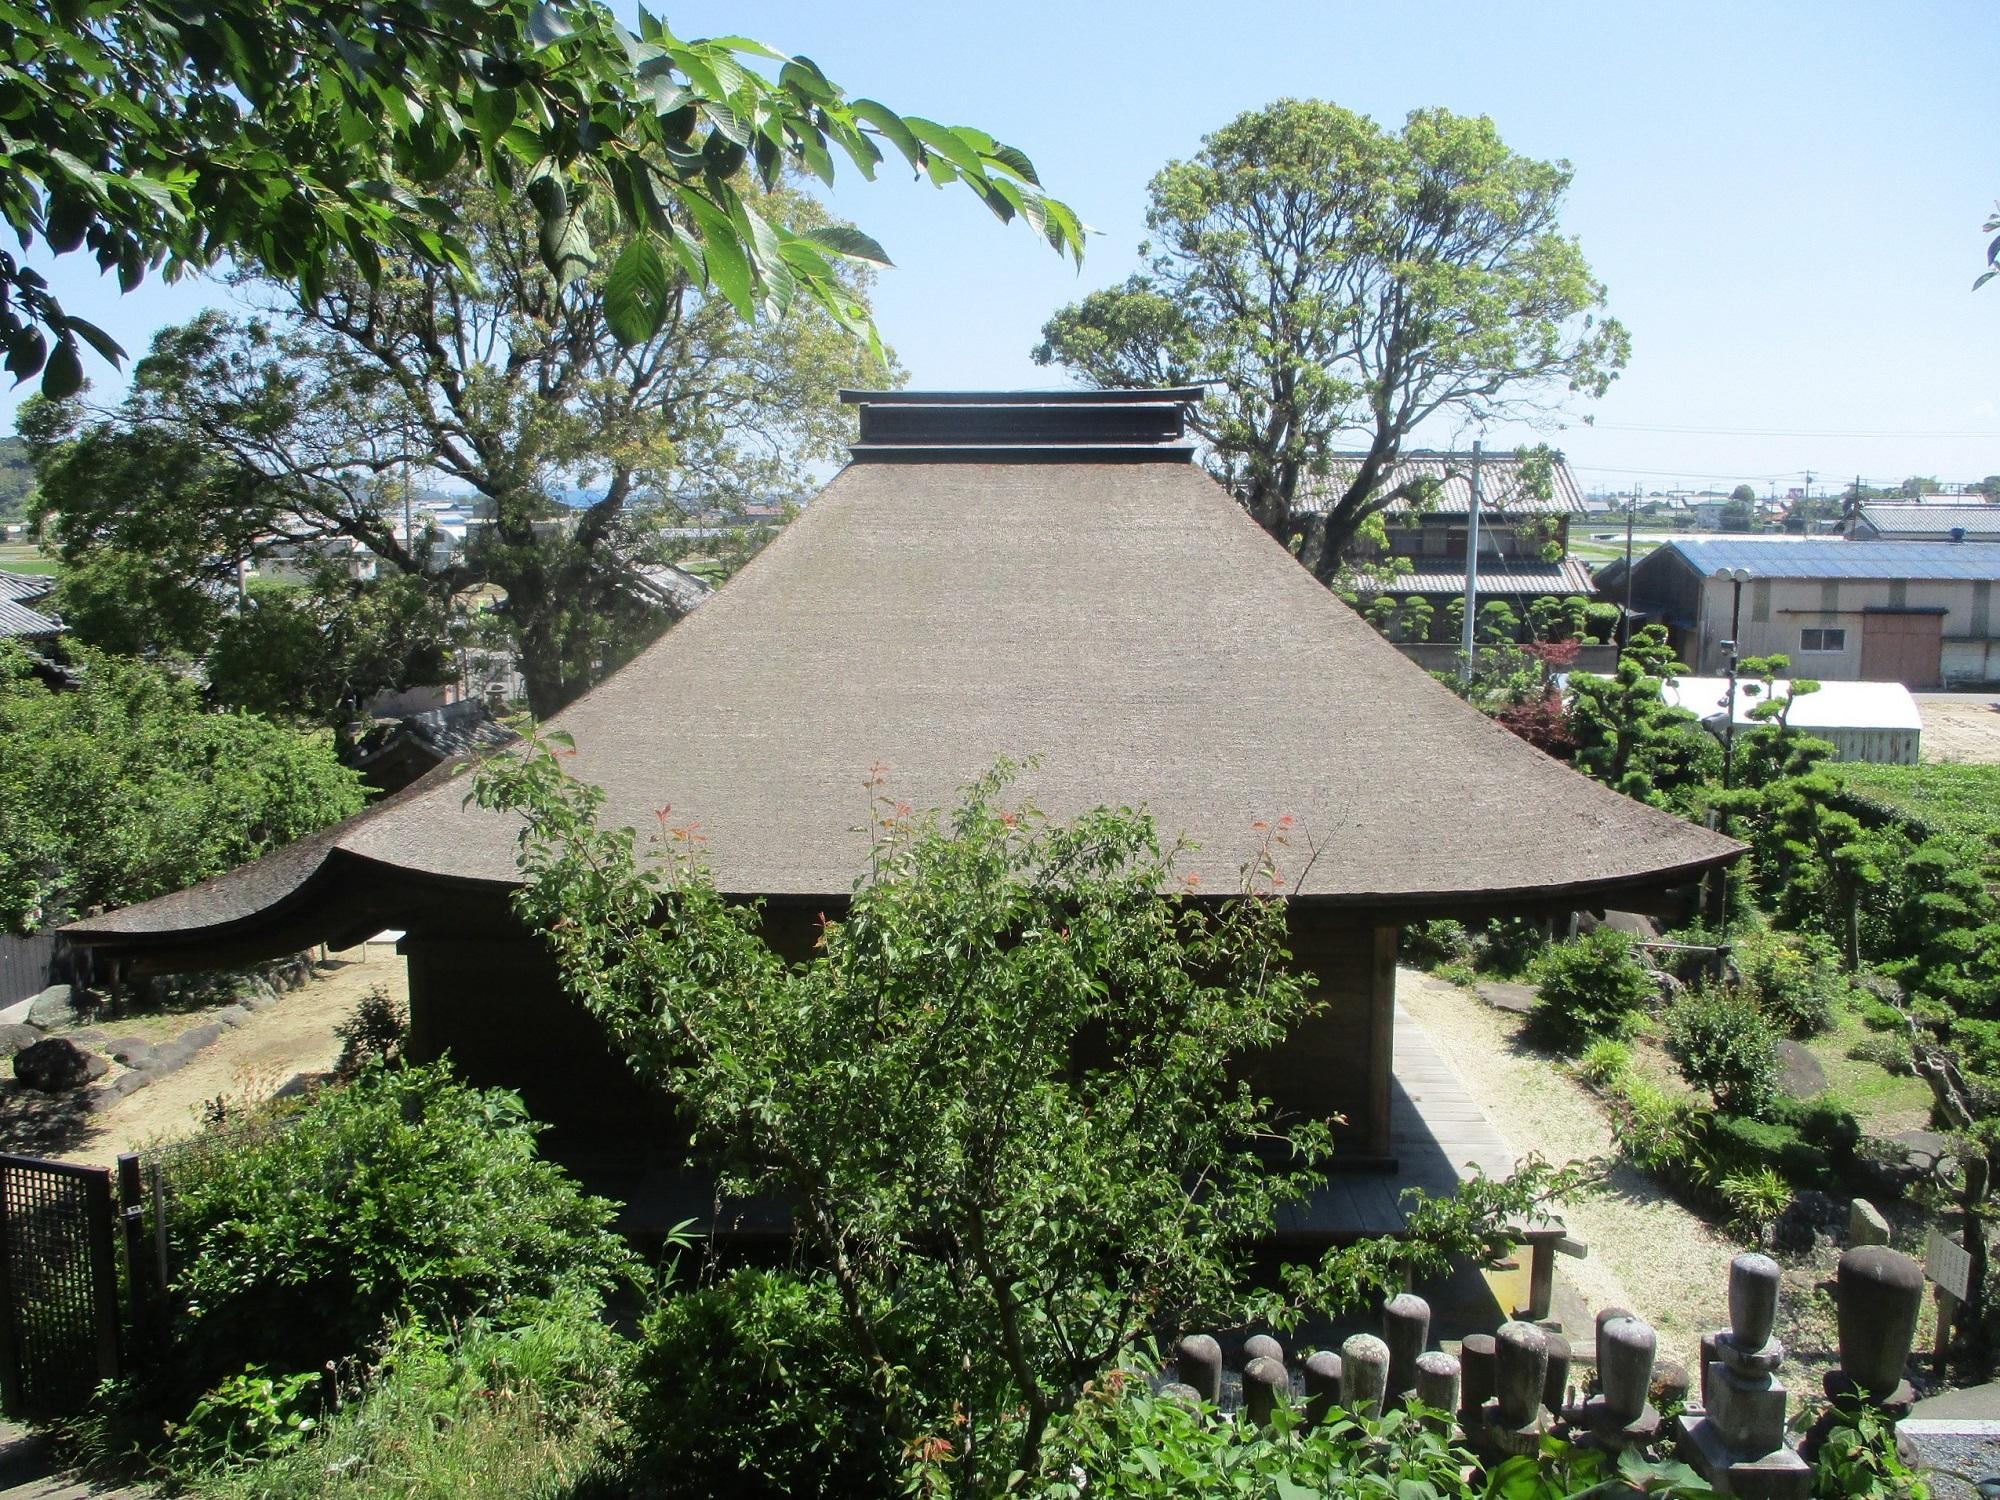 2020.5.29 (24) 金蓮寺弥陀堂 - 背面 2000-1500